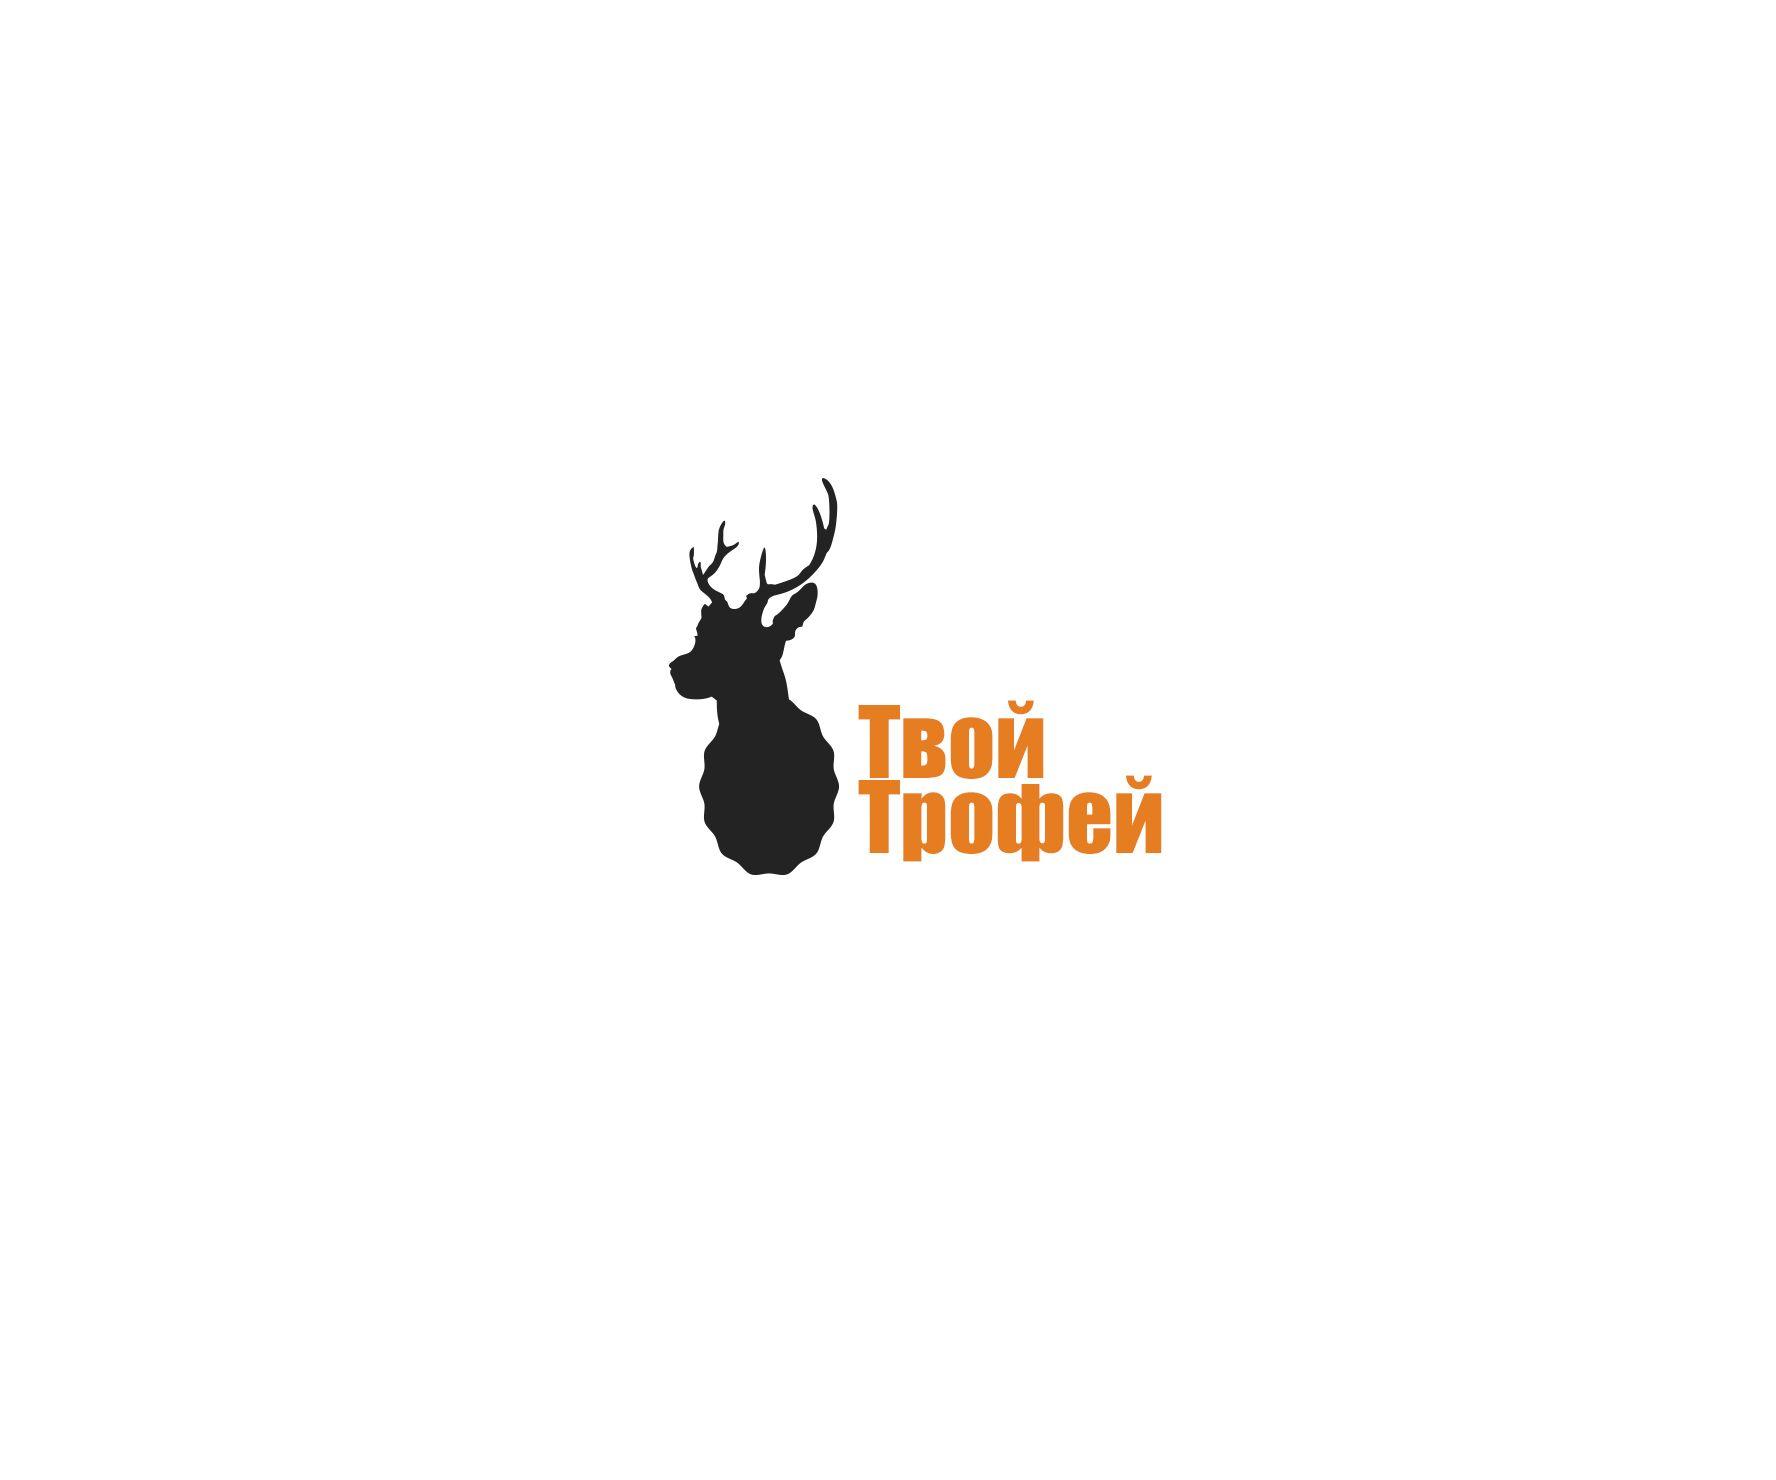 Создание логотипа для Твой Трофей - дизайнер dashech